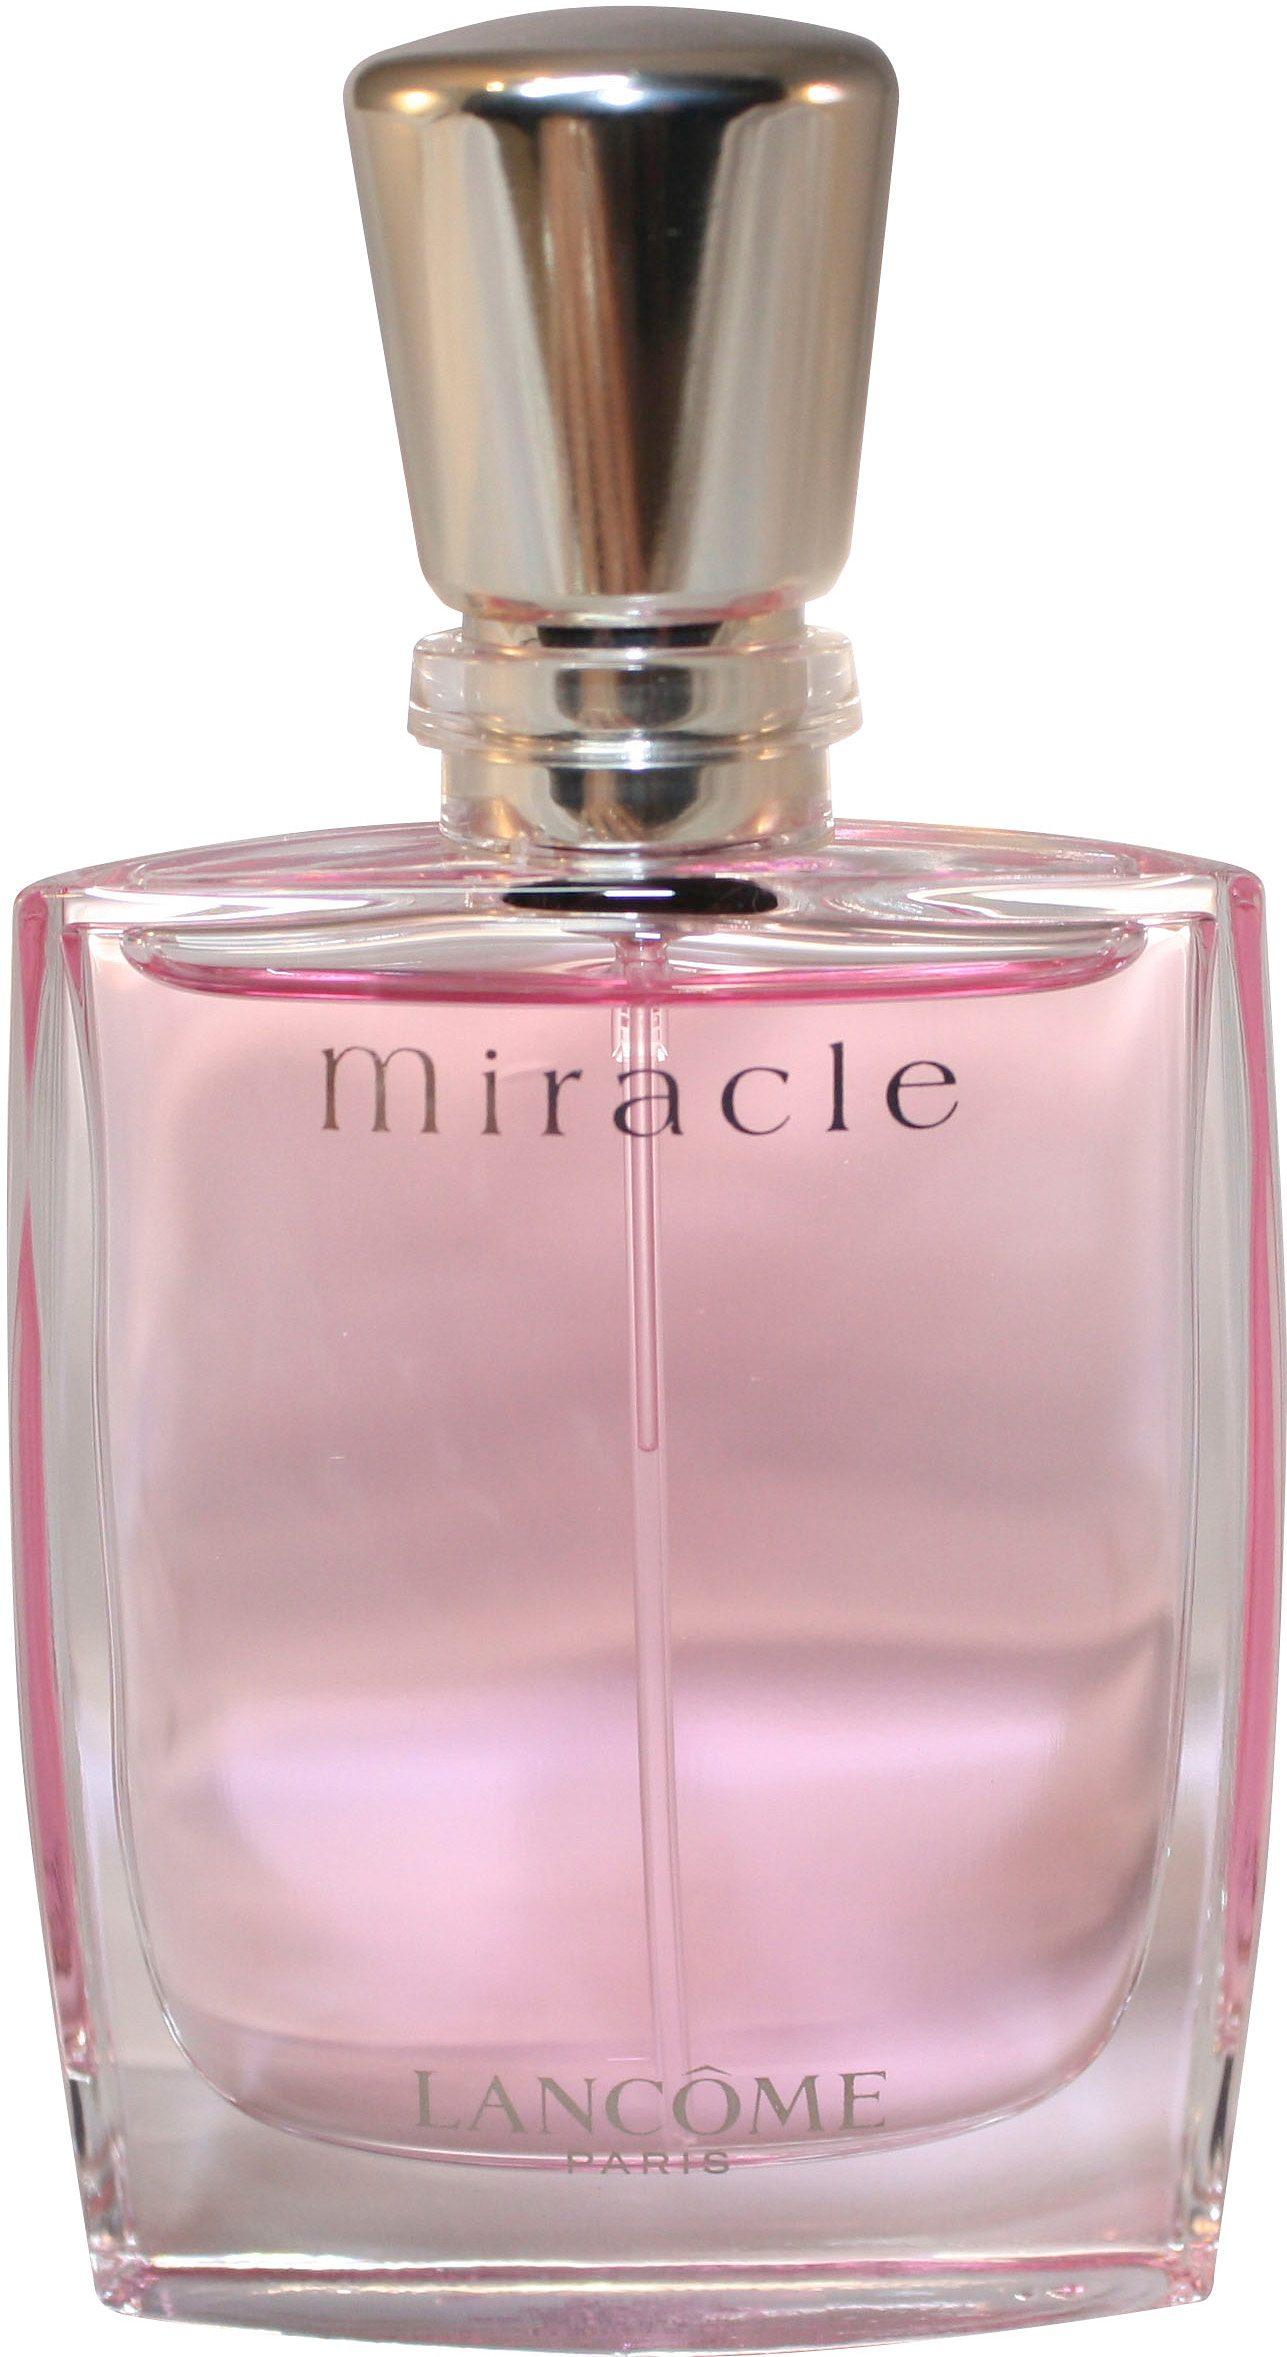 Lancôme, »Miracle«, Eau de Parfum